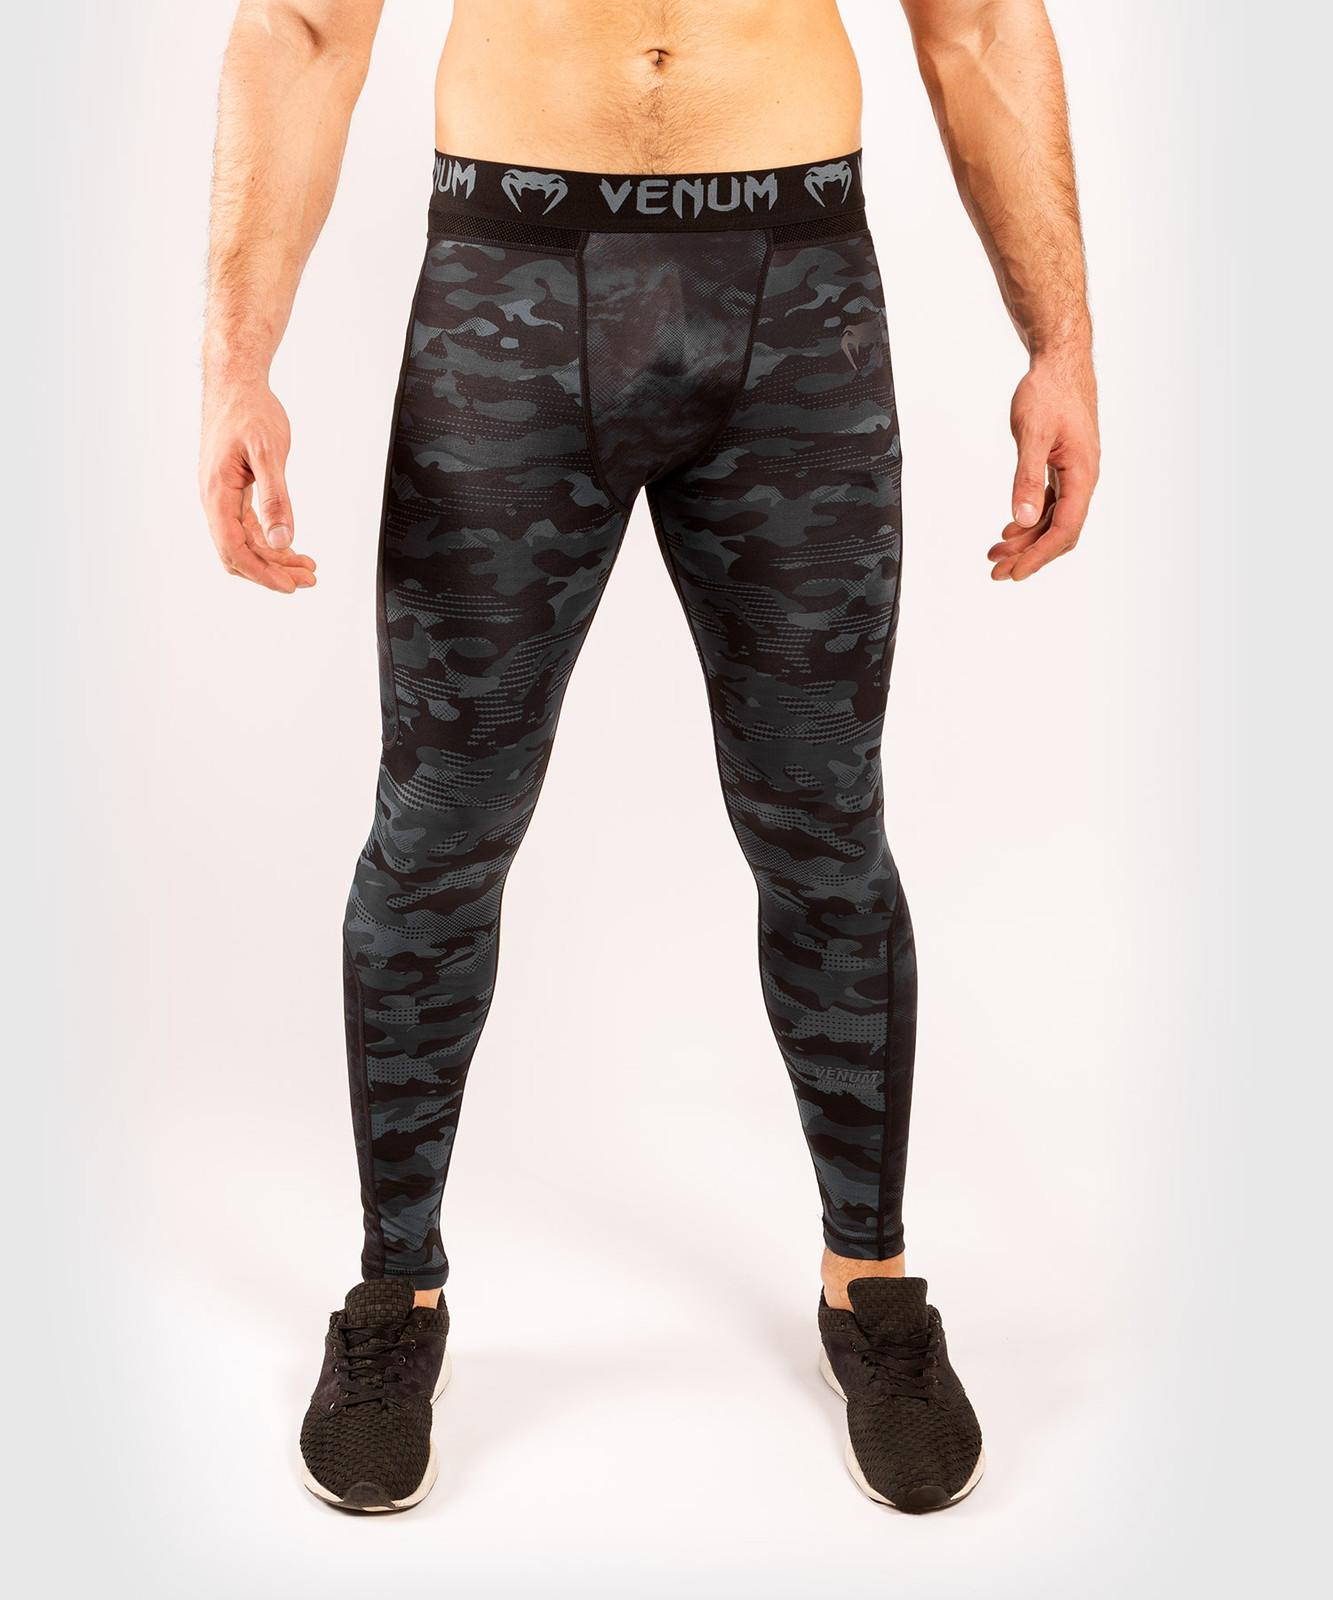 Venum Spats Defender